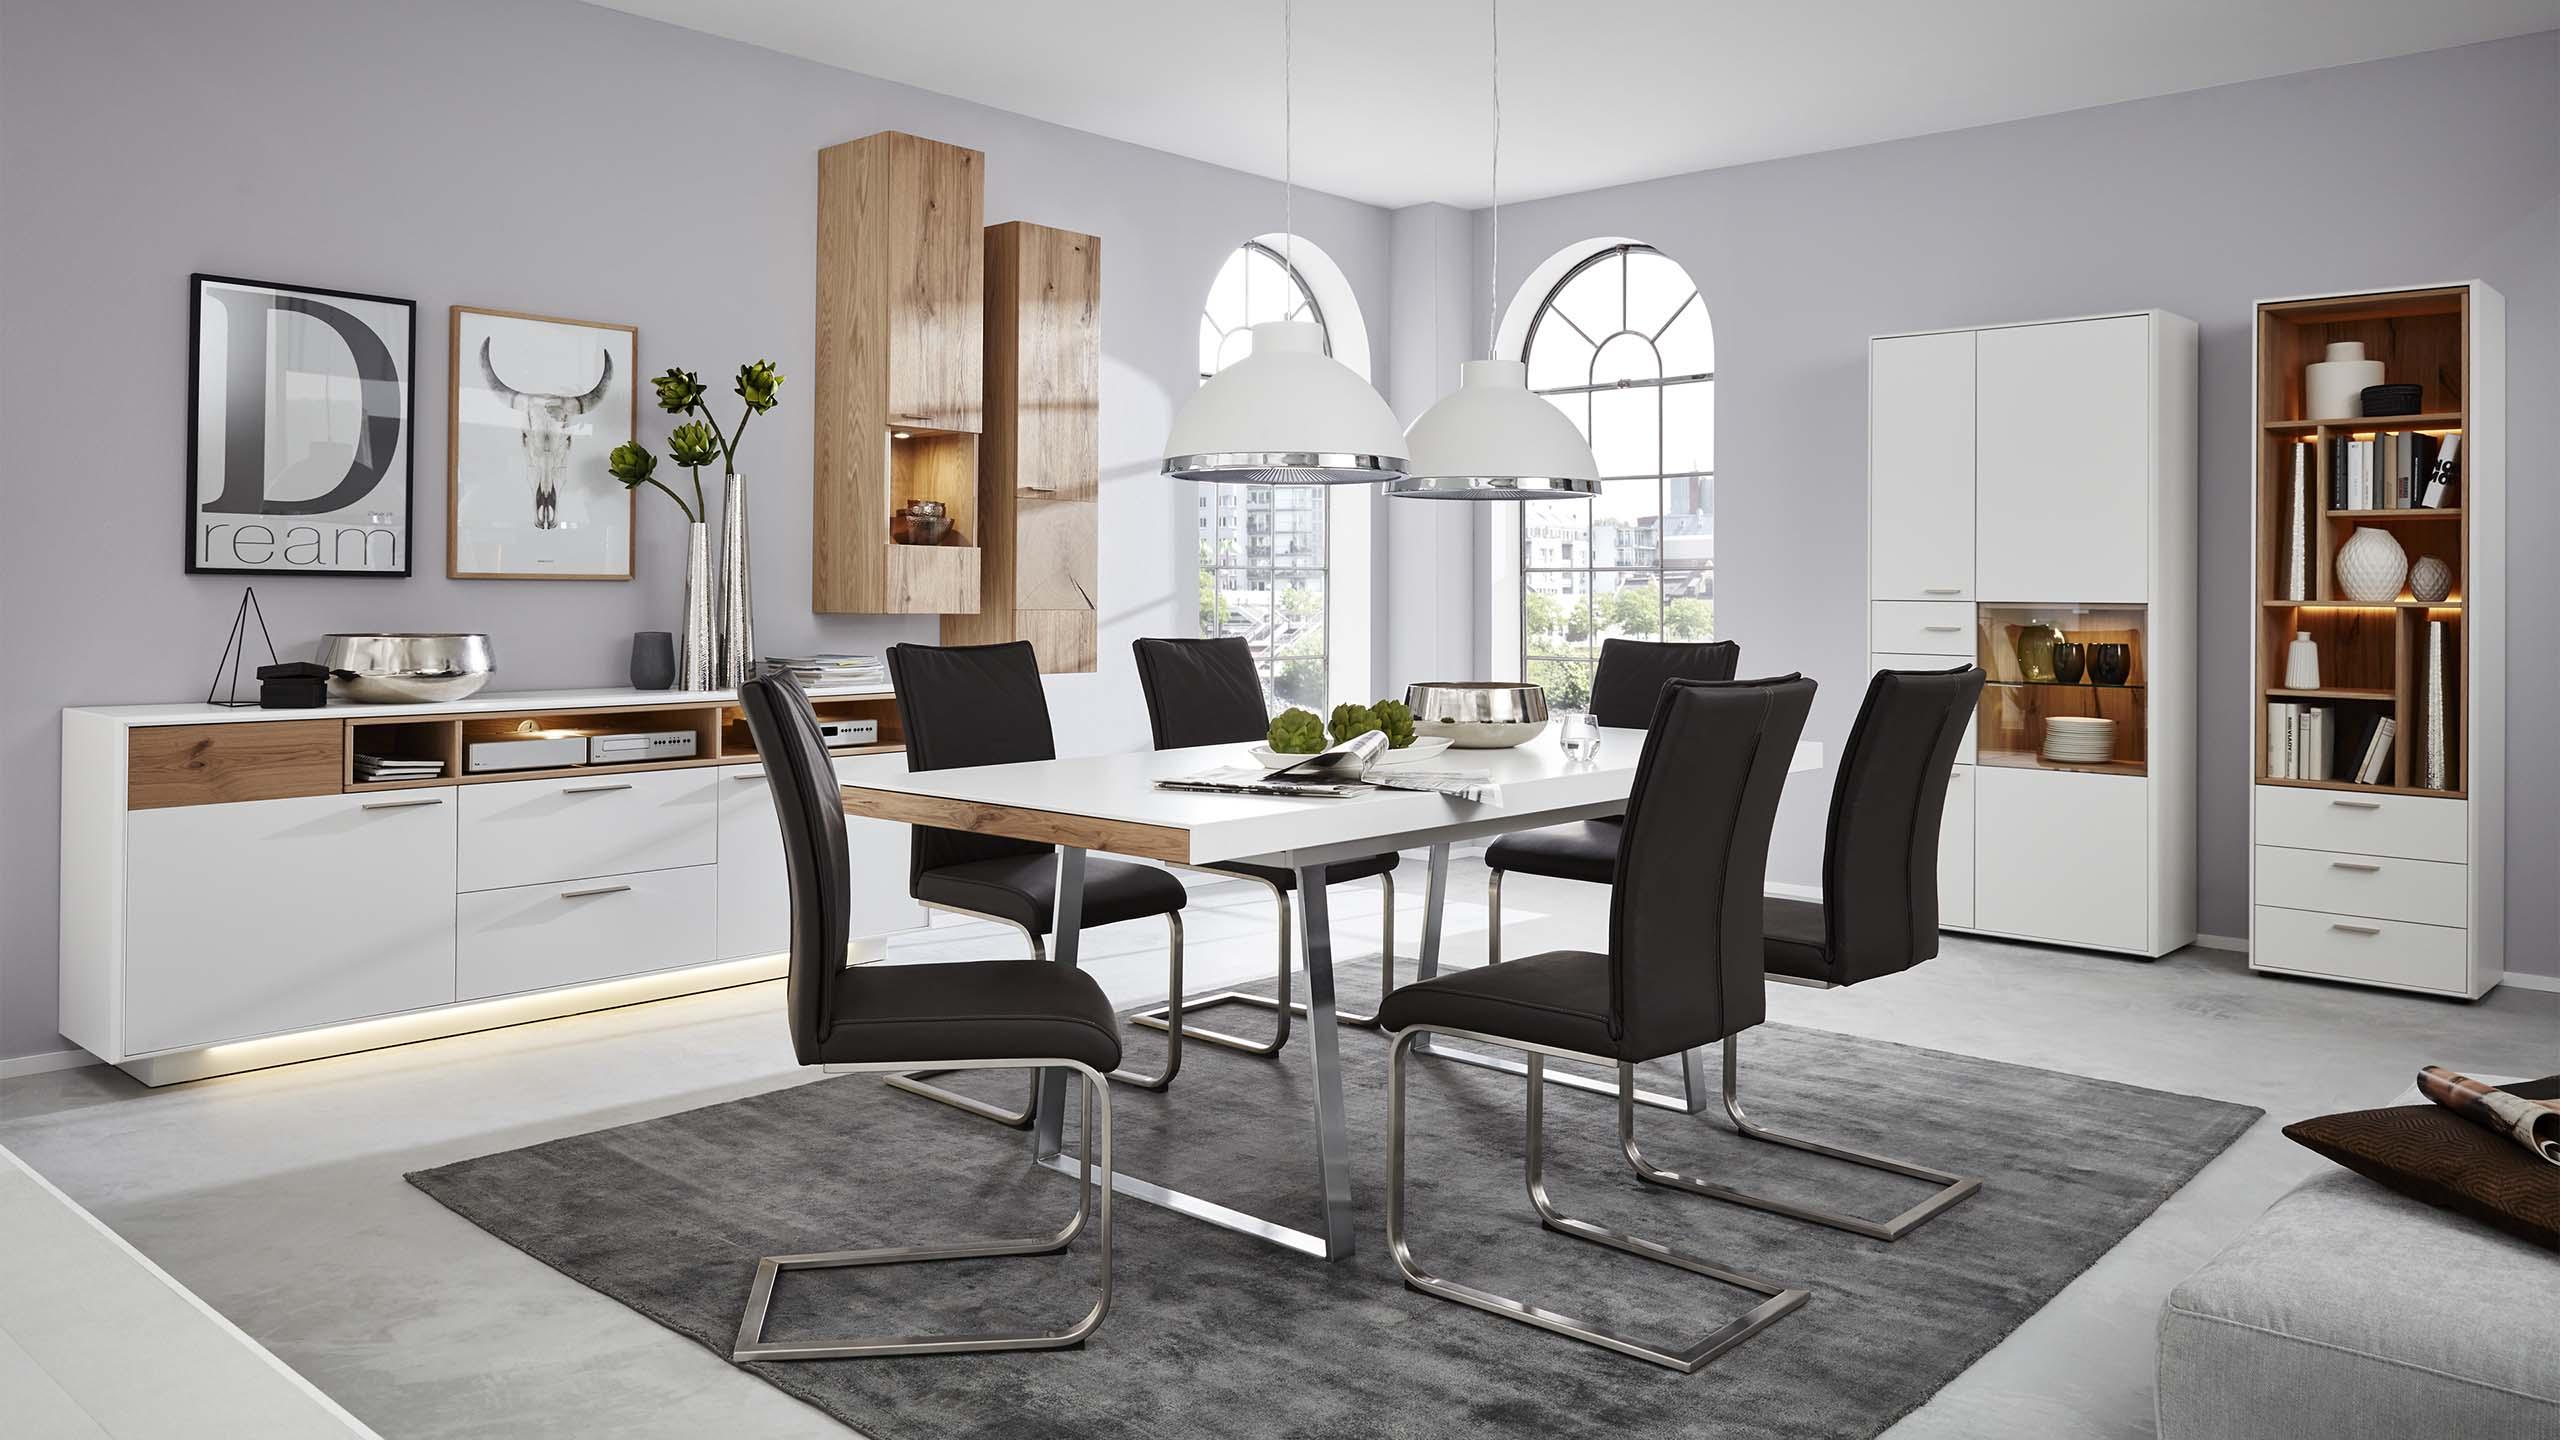 Interliving Wohnzimmer Serie 2102   Interliving - Möbel für mich gemacht